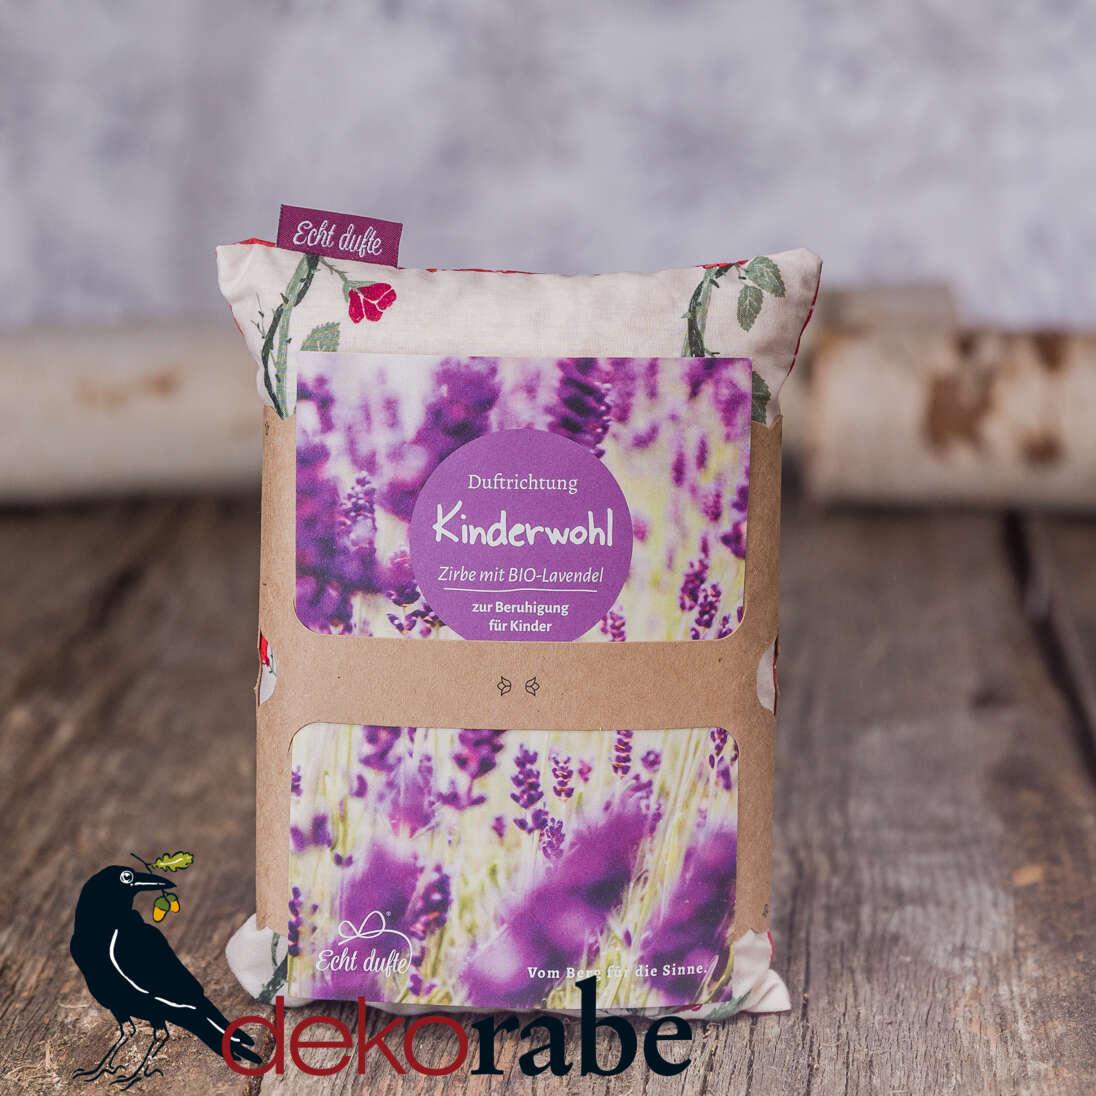 Kissen mit Zirbe und Lavendel Kinderwohl 20 x 15 cm